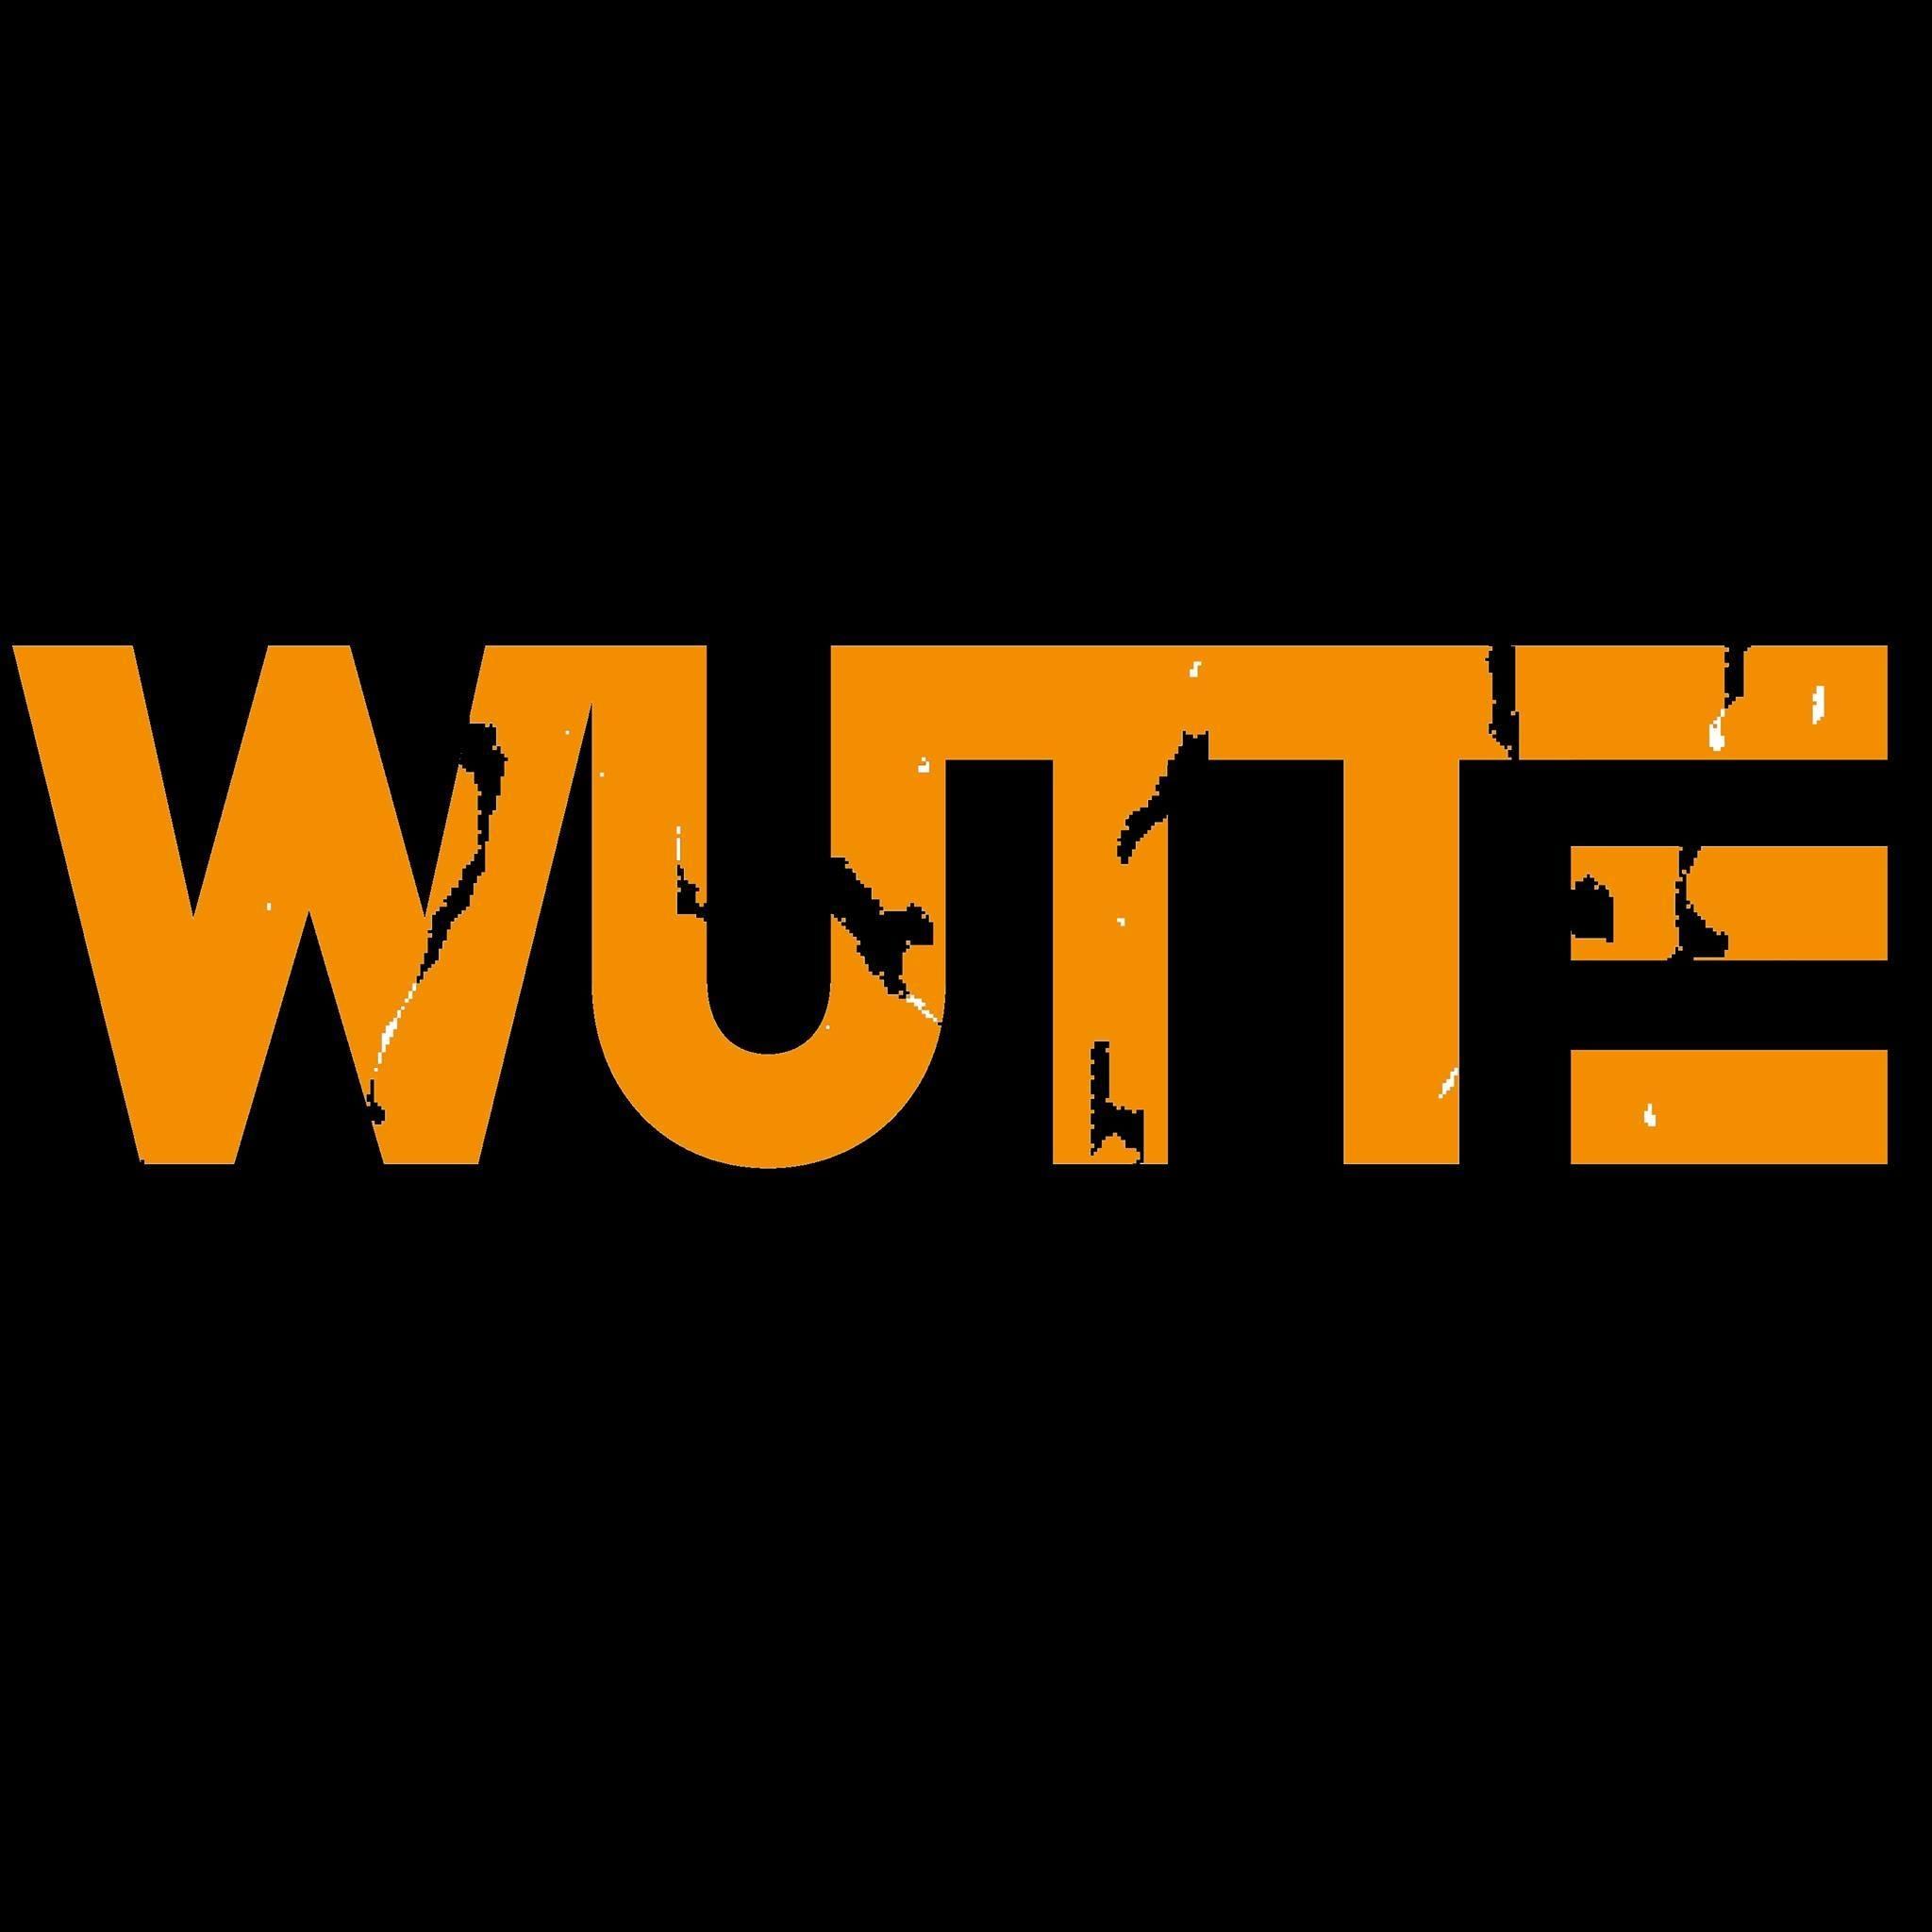 wutte logo